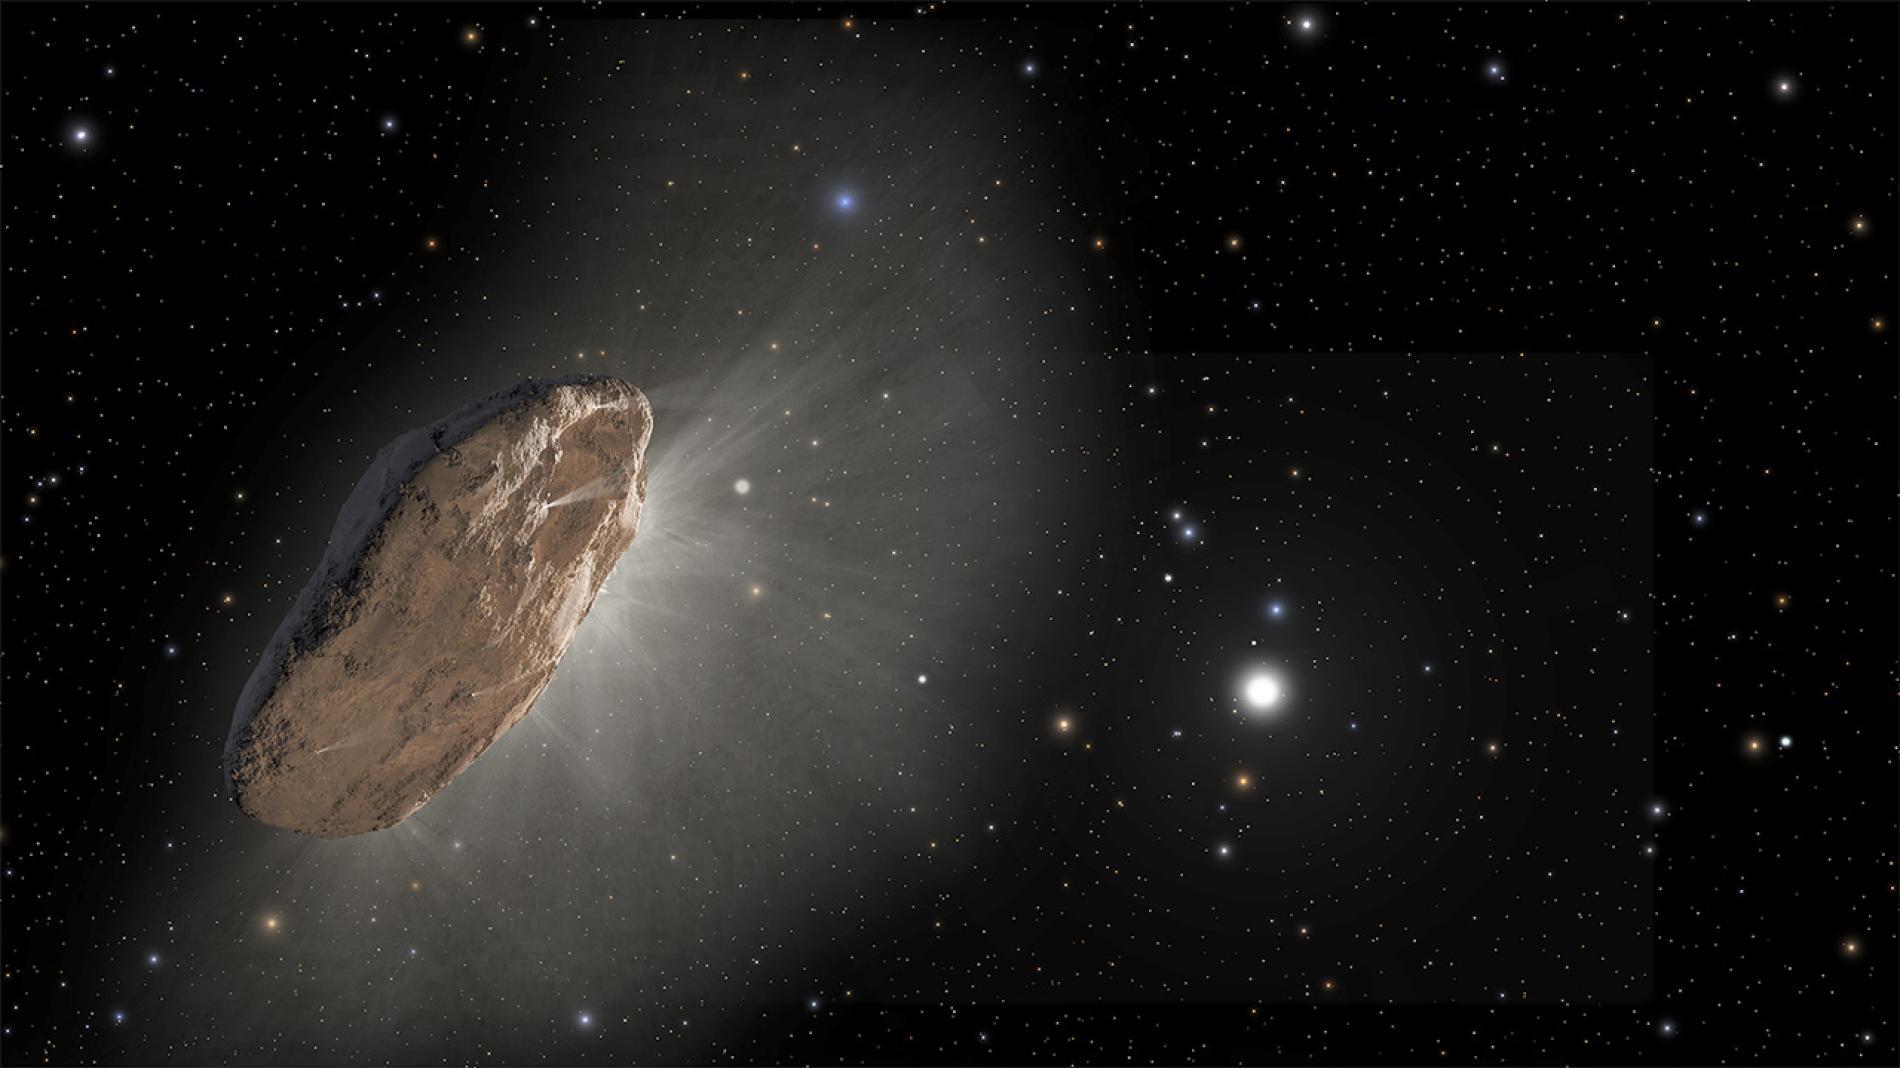 是藝術家對我們首度偵測到的星際訪客──斥侯星('Oumuamua)的想像圖。一位業餘天文學家在8月30日發現了它的繼任者:一顆名為C/2019 Q4「鮑里索夫」(Borisov)的彗星。根據這顆彗星的軌道推測,這是它此生中唯一造訪太陽系的機會。ILLUSTRATION BY J. OLMSTED AND F. SUMMERS, NASA, ESA